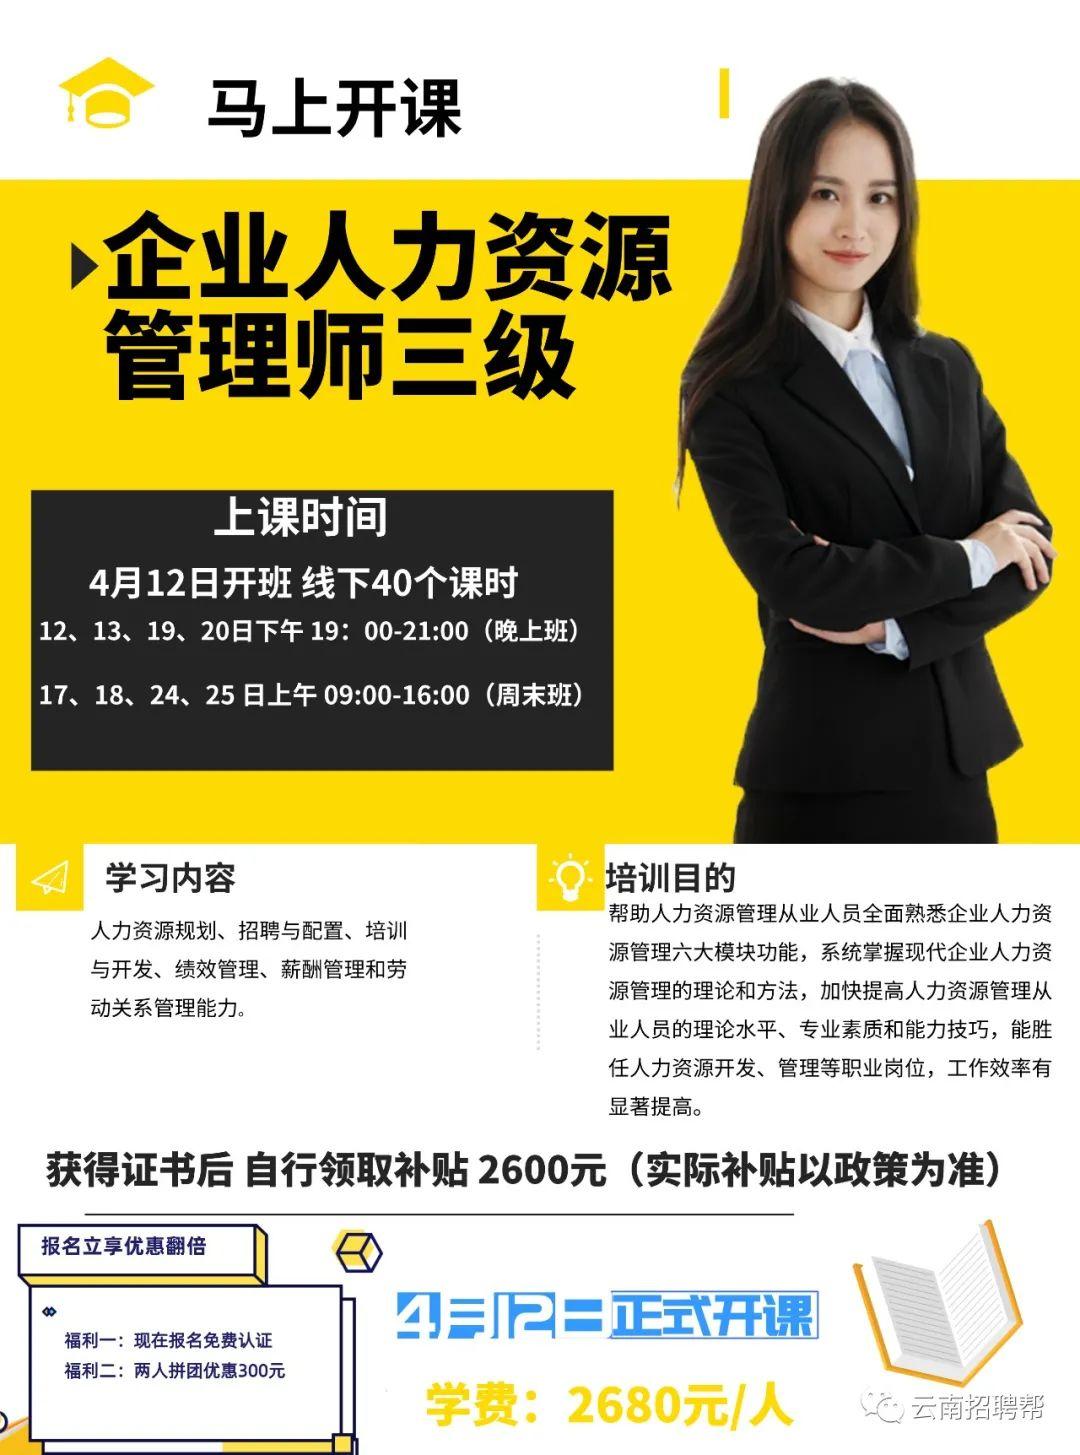 【正式员工】2021年云南电网有限责任公司招聘100人 专科即可 国企 央企 第2张